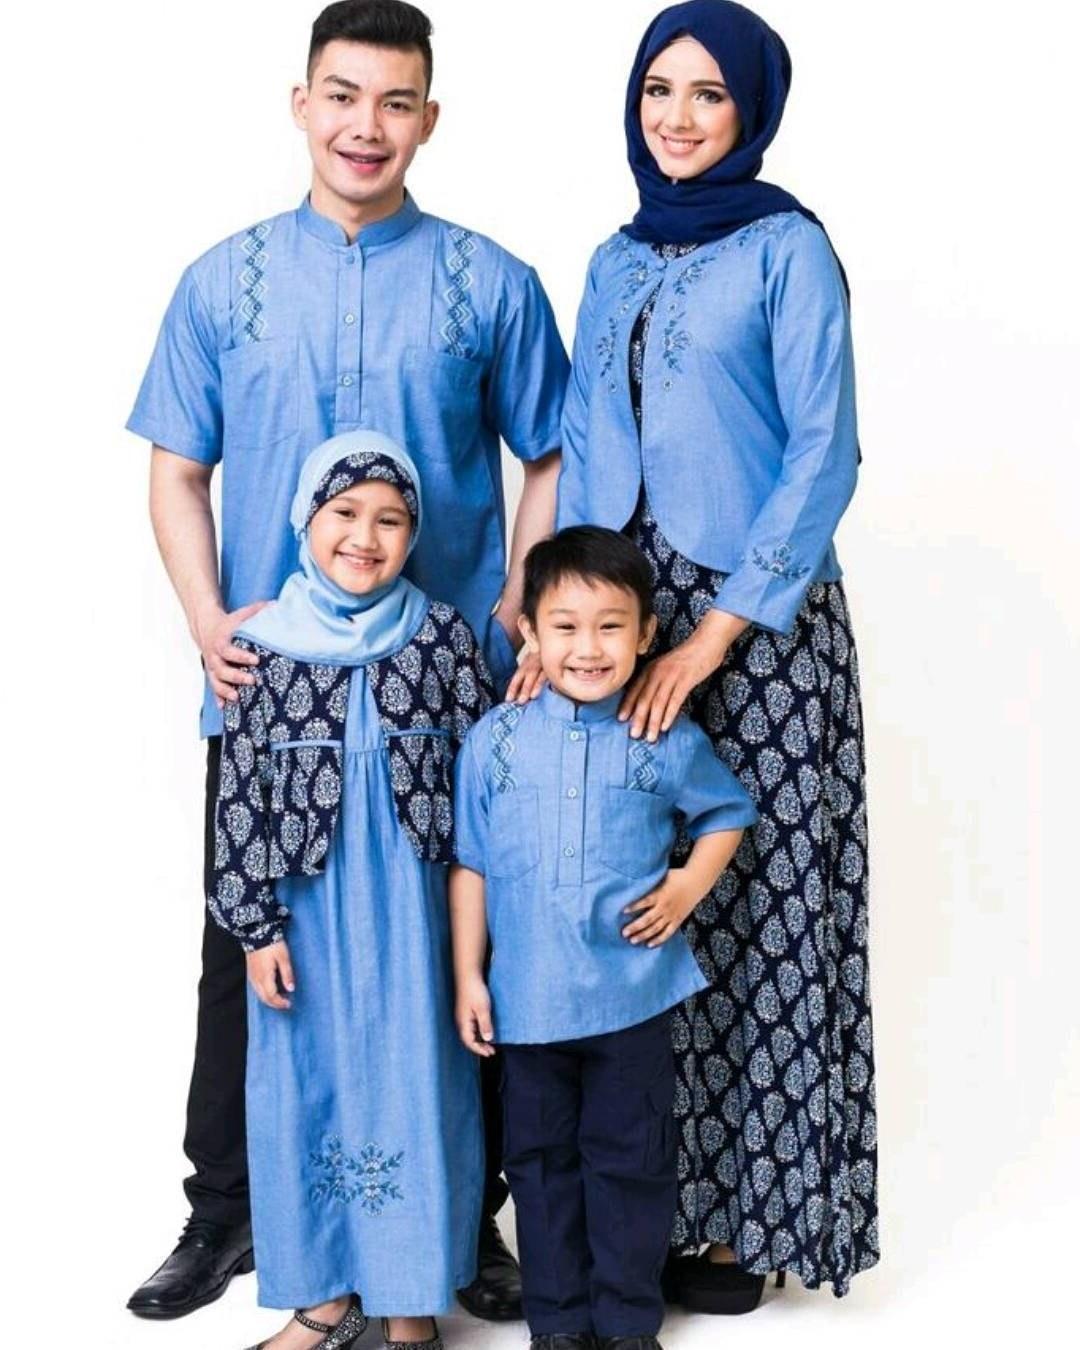 Model Model Baju Lebaran Keluarga 2018 Q0d4 Model Baju Keluarga Untuk Hari Raya Lebaran 2018